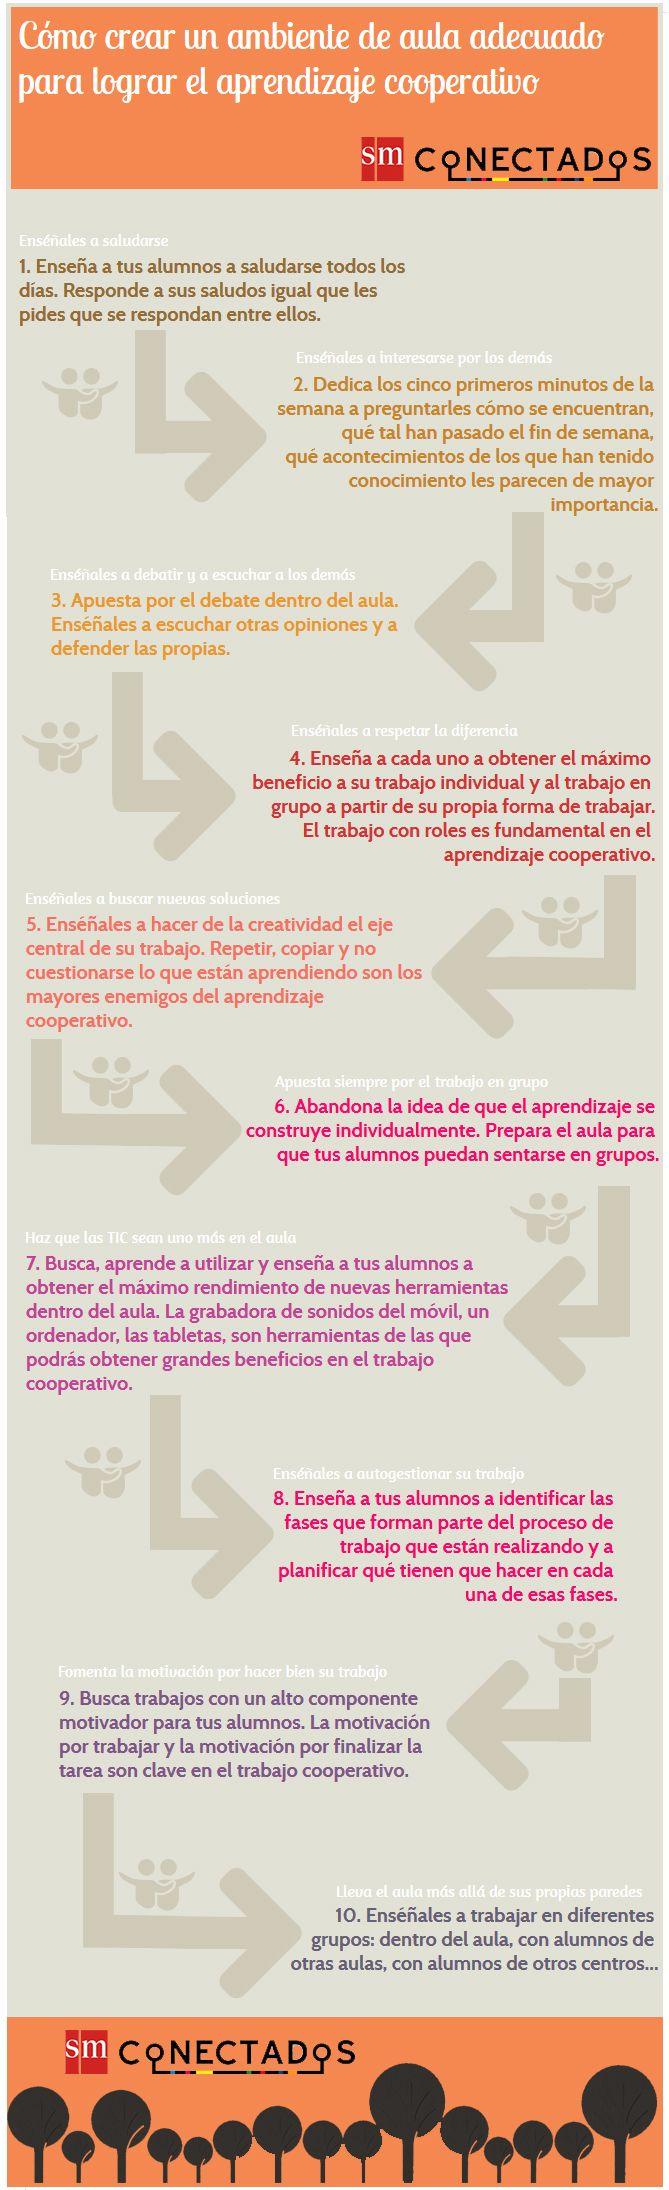 """Hola: Compartimos una infografía sobre el """"Aprendizaje Cooperativo - 10 Consejos…"""